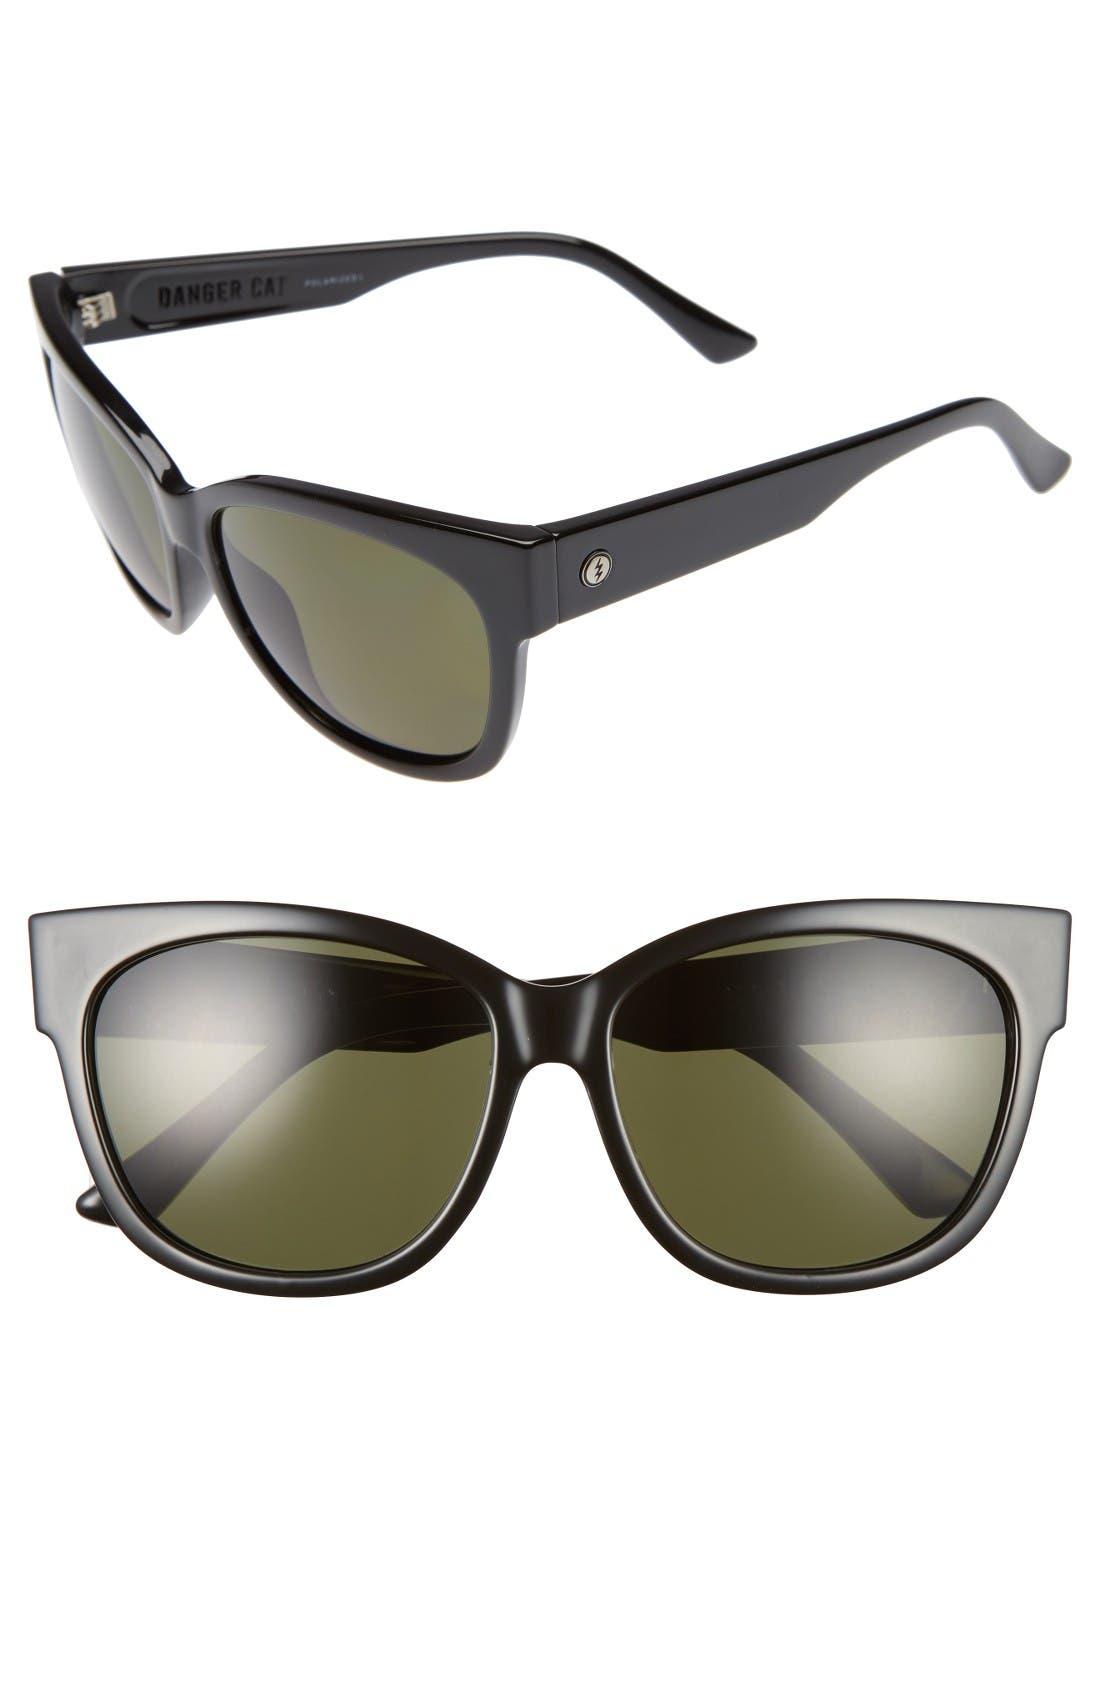 Alternate Image 1 Selected - ELECTRIC Danger Cat 58mm Sunglasses